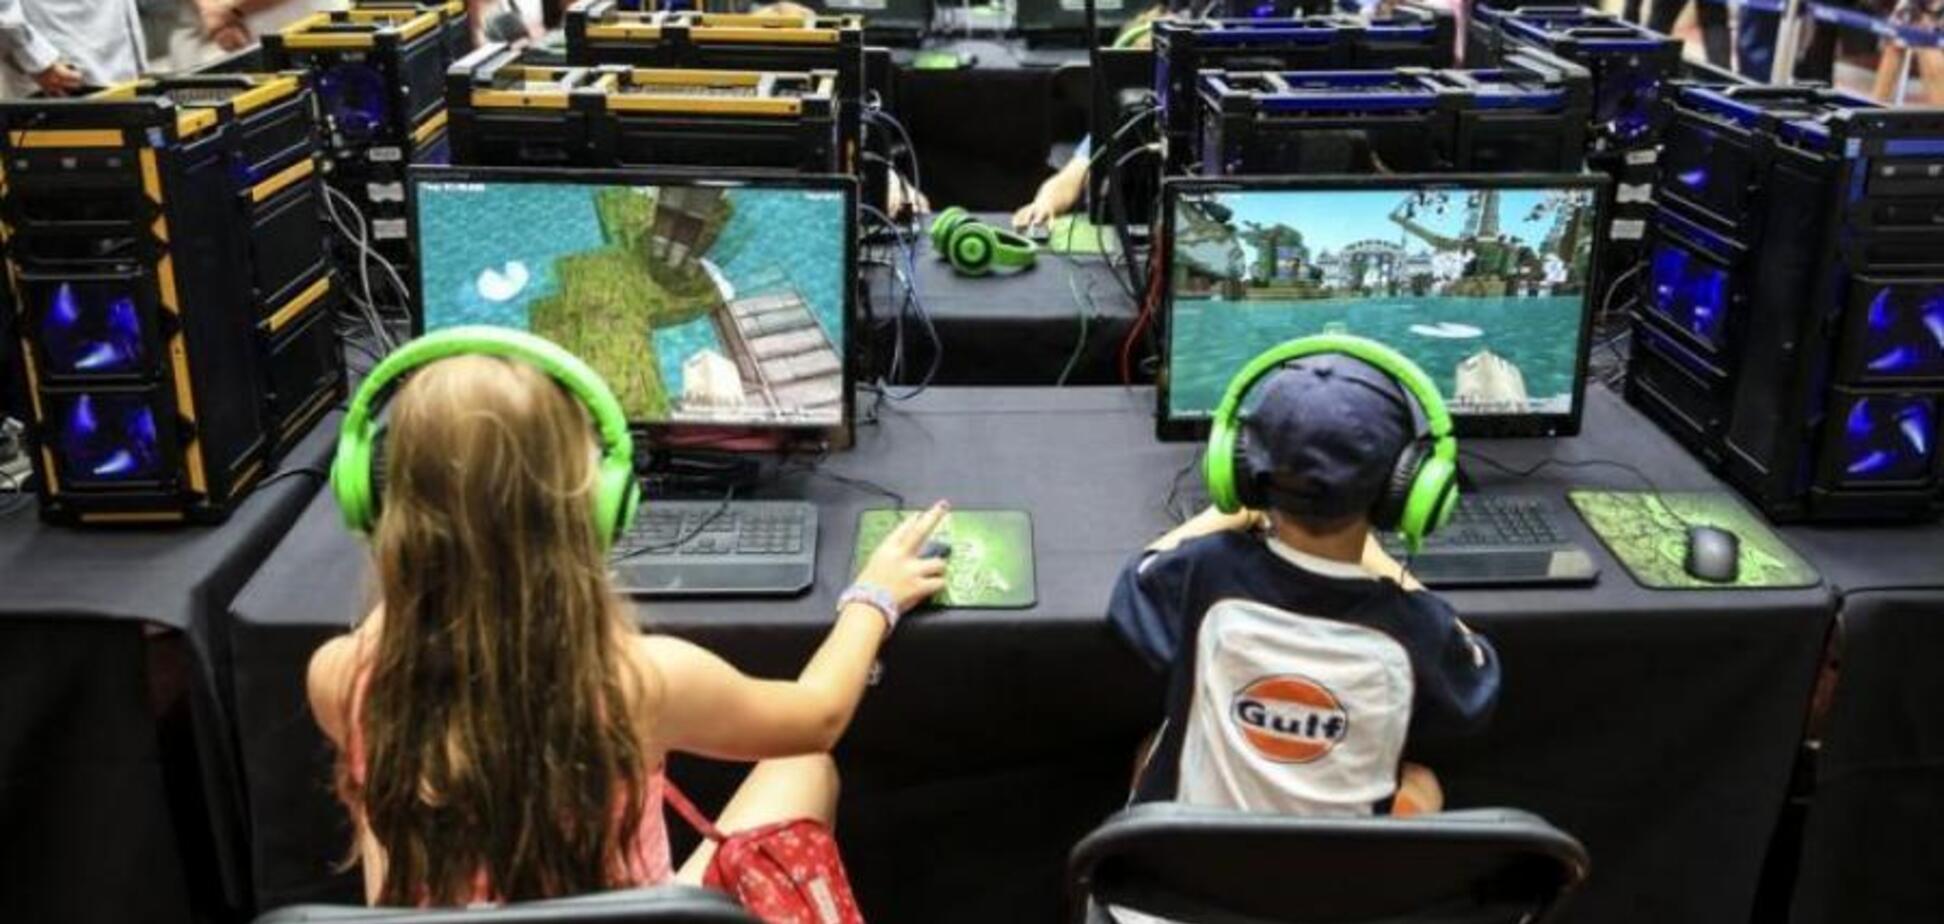 Психологи рассказали, как видеоигры влияют на ребенка